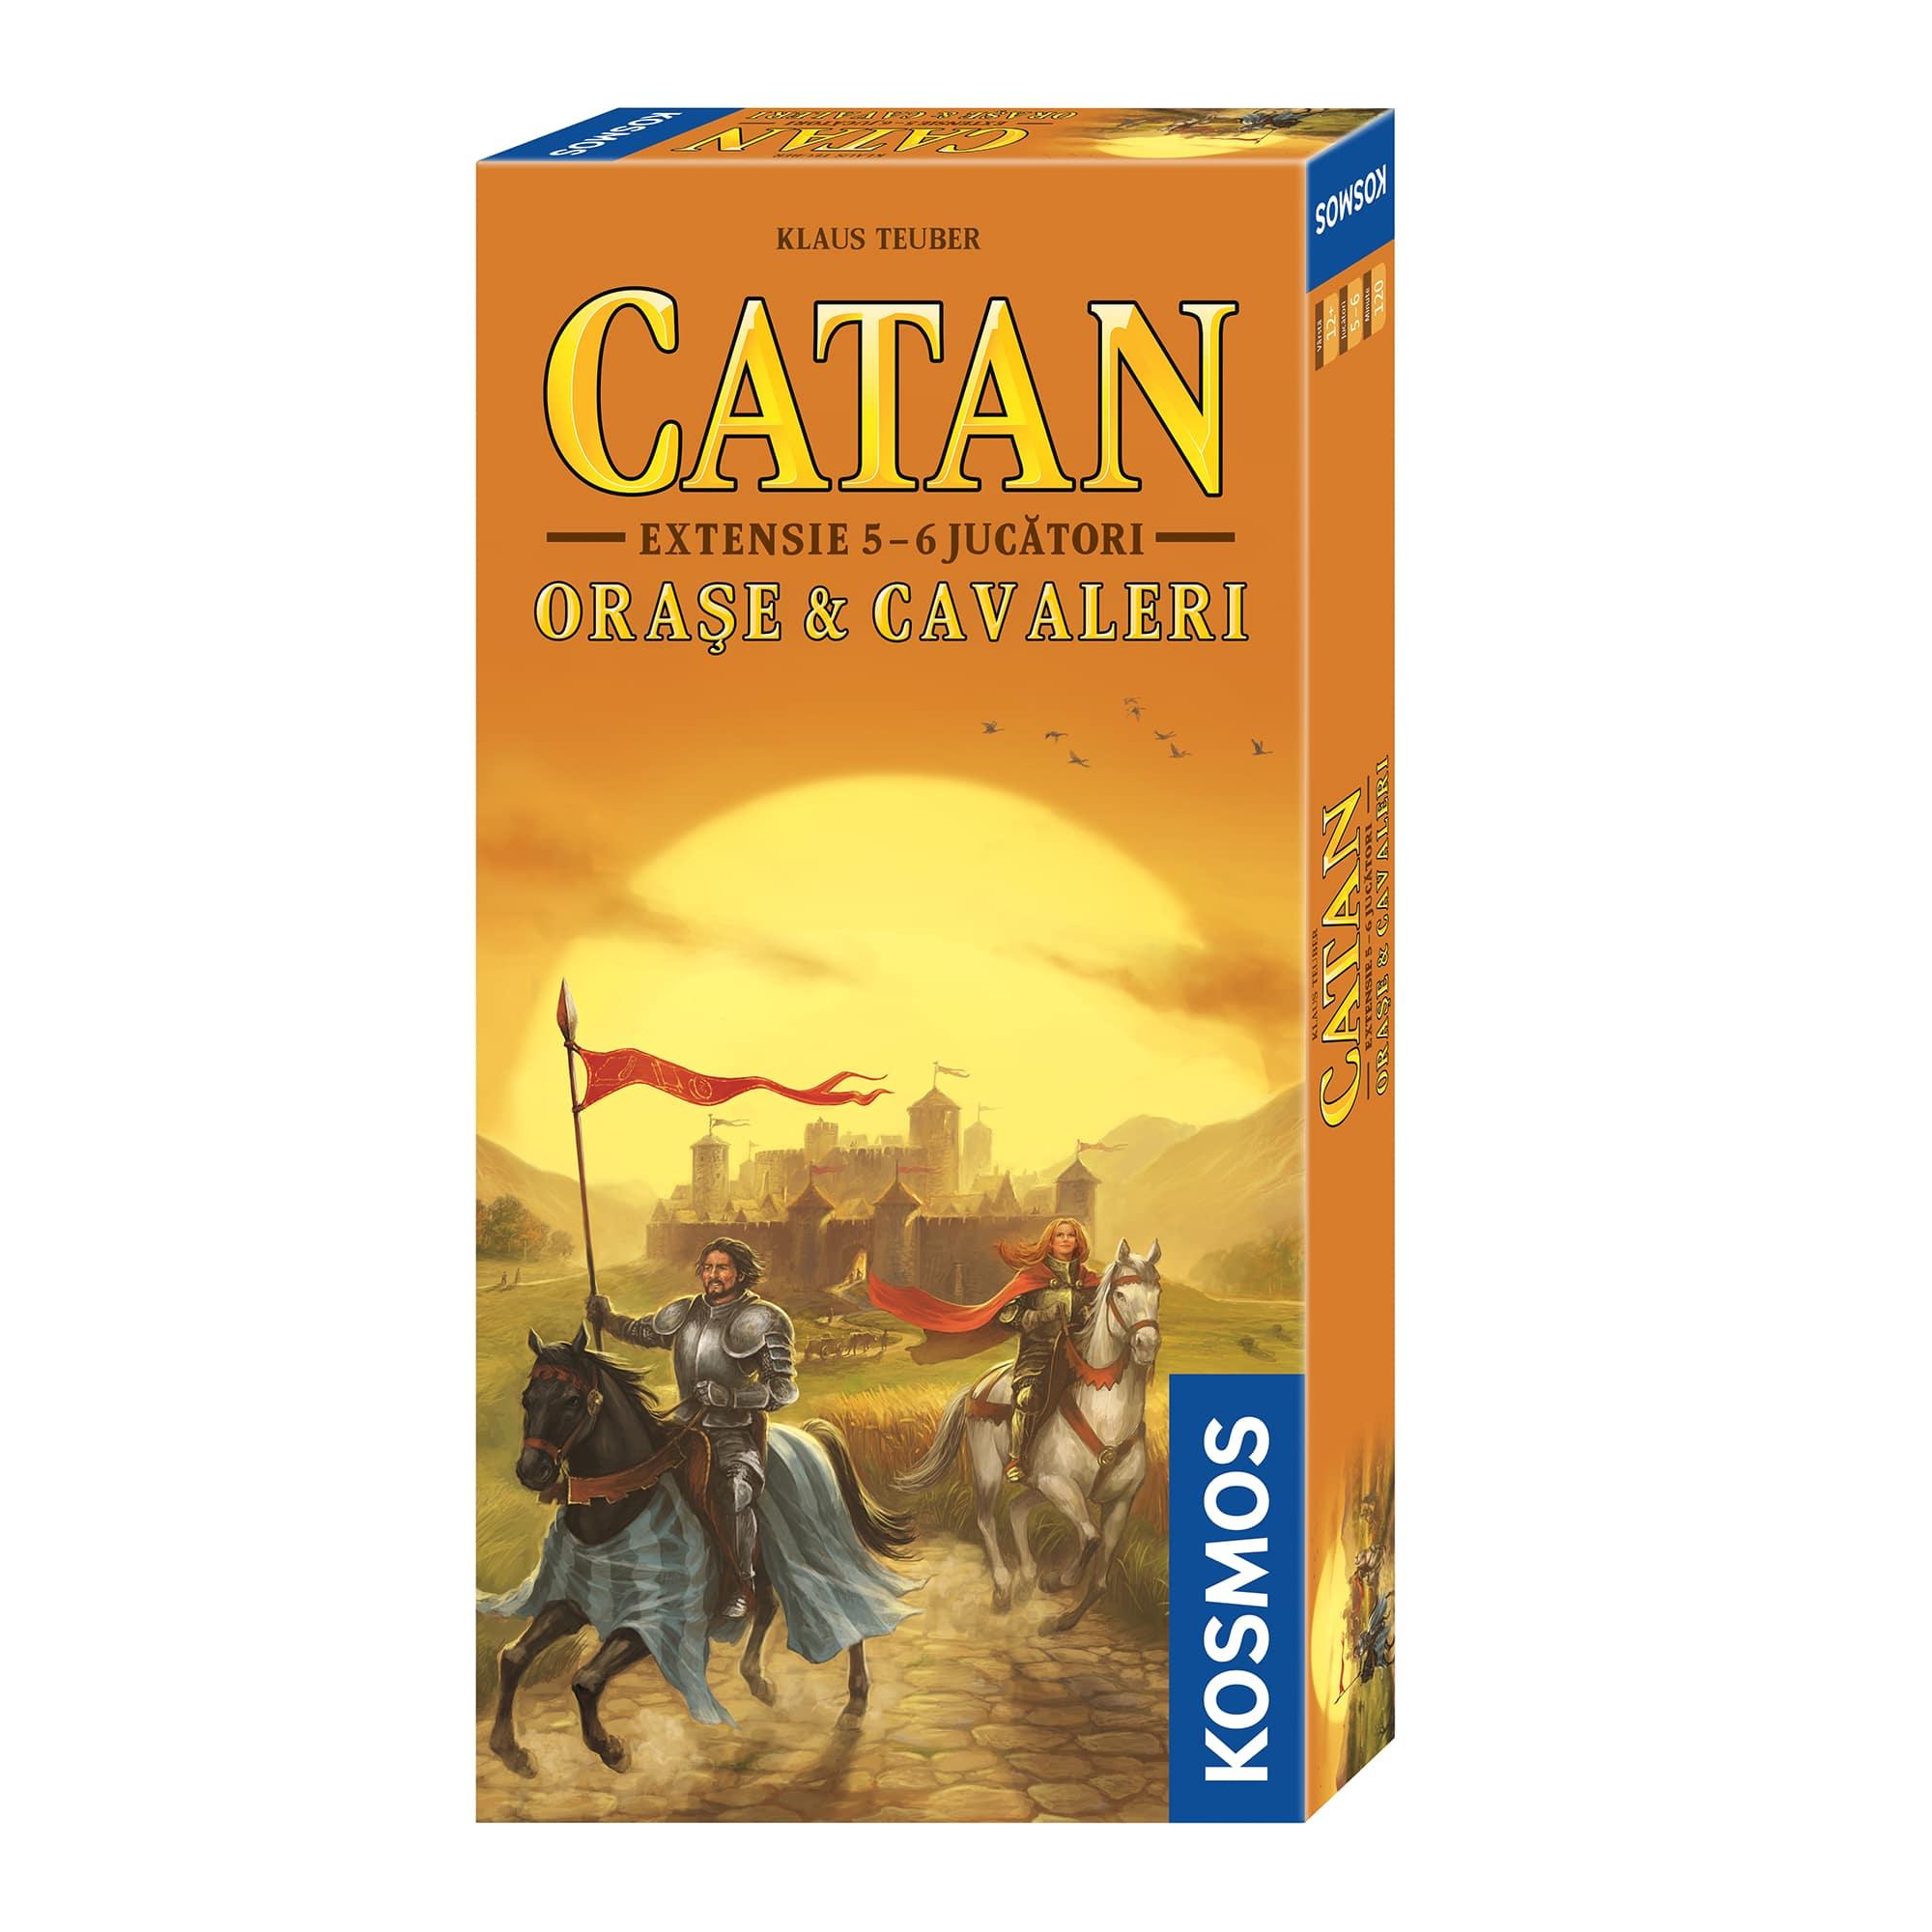 Fotografie Joc de societate Kosmos Colonistii din Catan, Orase&Cavaleri extensie 5/6 jucatori